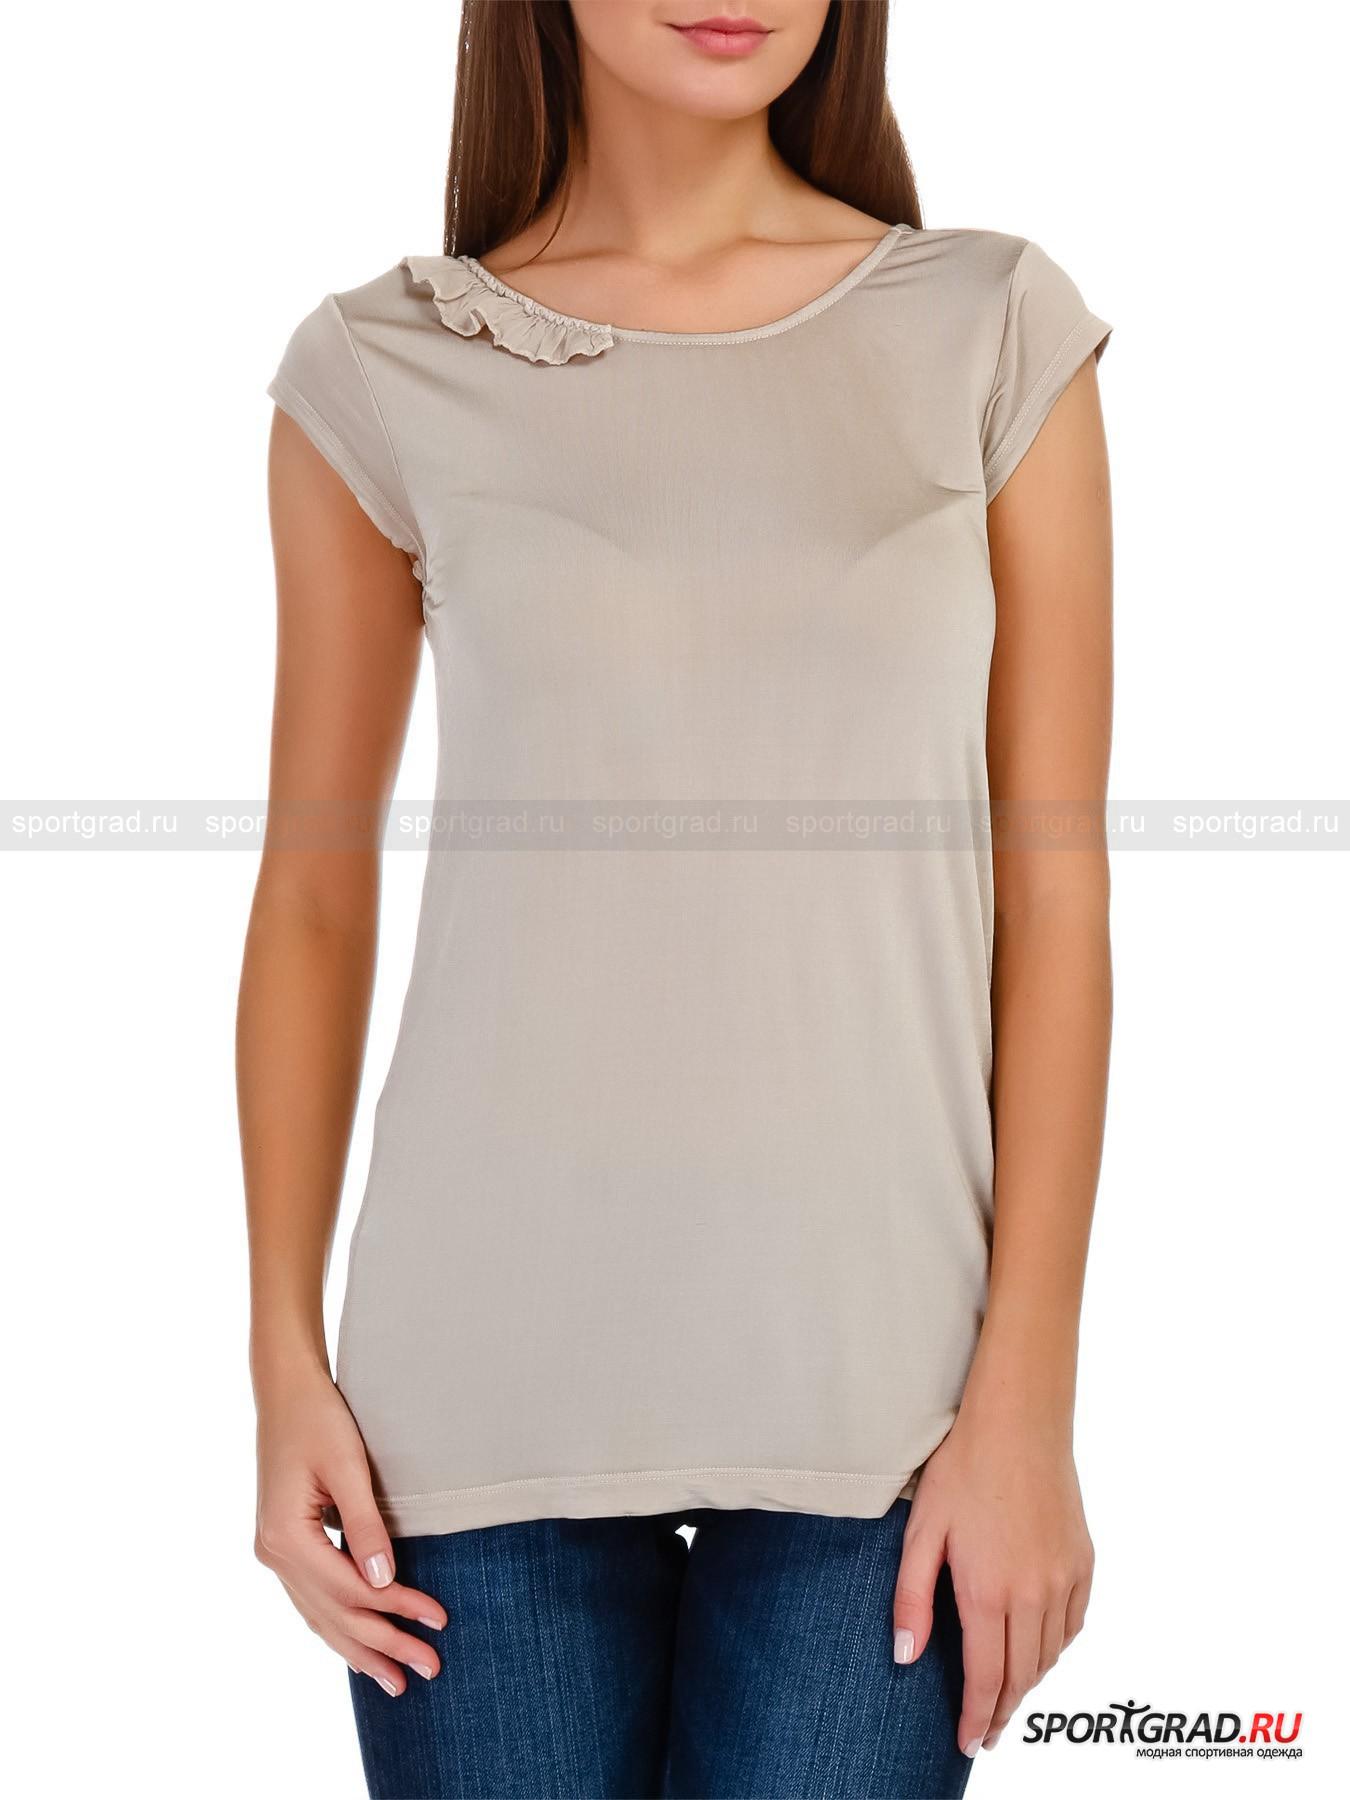 ��������-������ ������� T-shirt DEHA